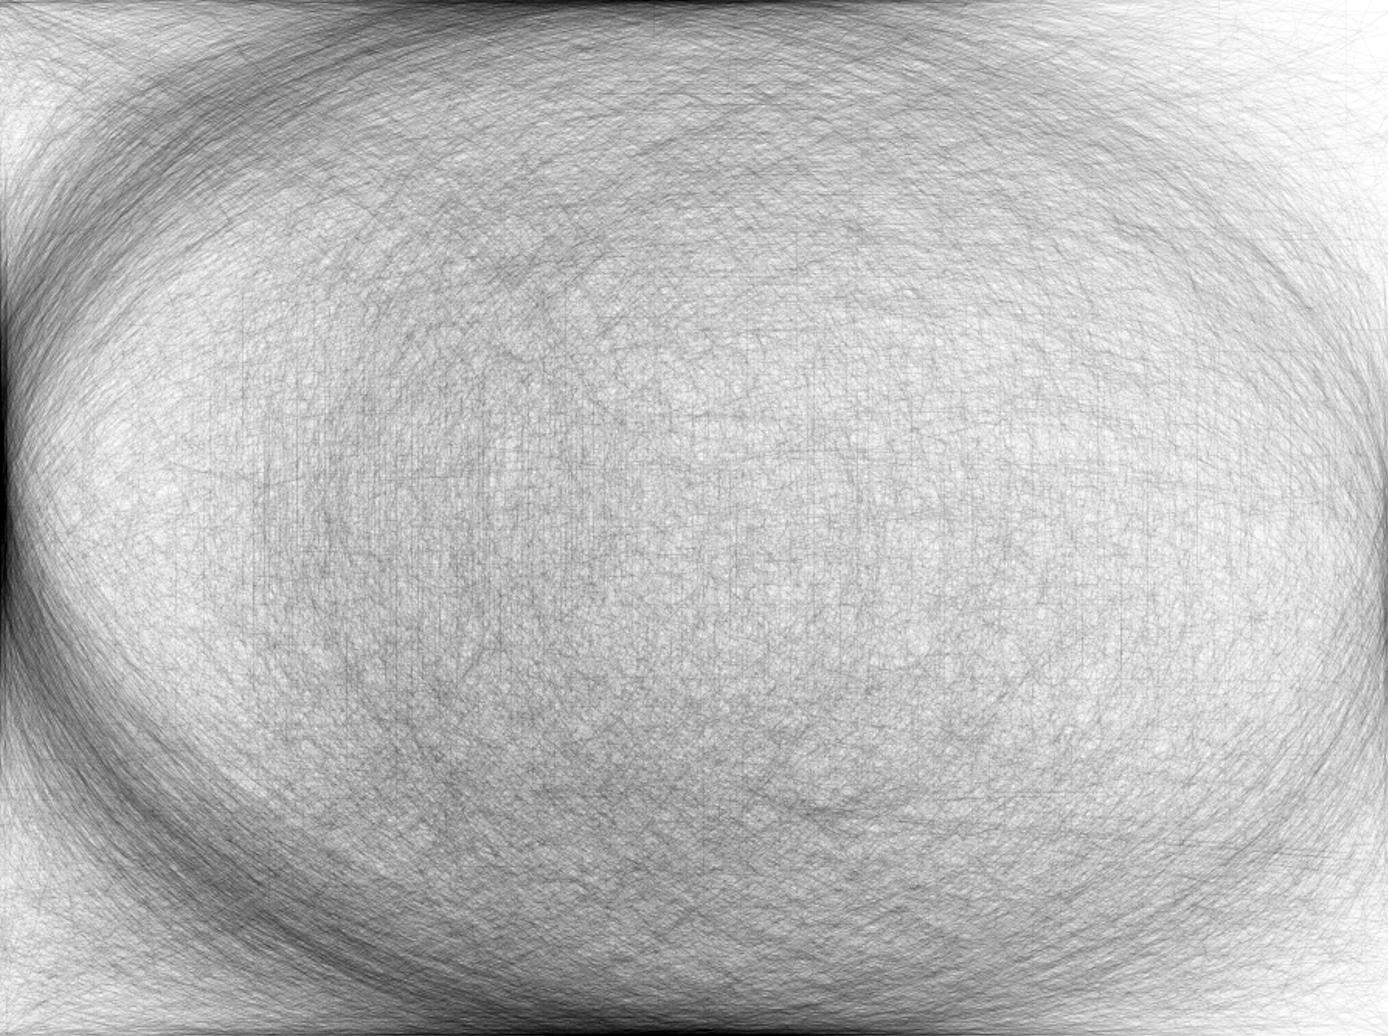 Python&Opencv使用摄像头跟踪颜色运动-机器在学习